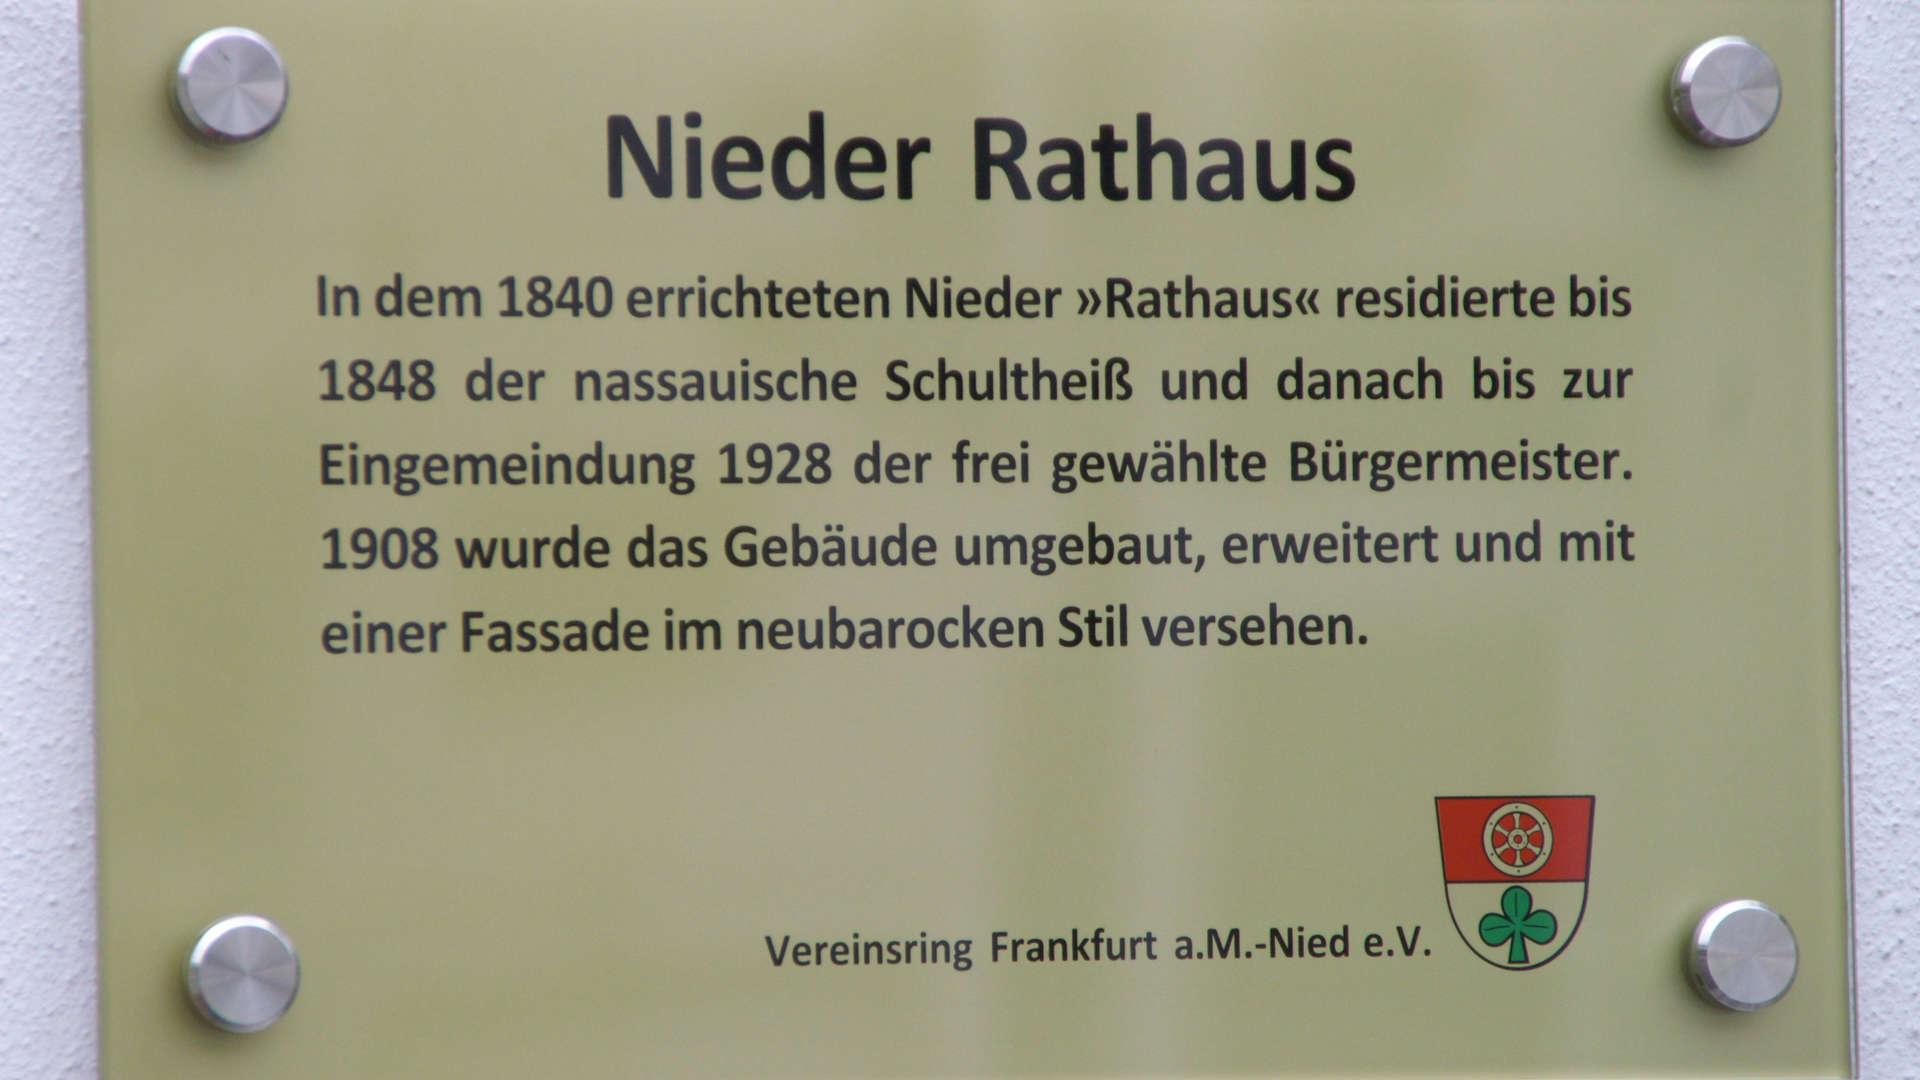 Nieder Rathaus